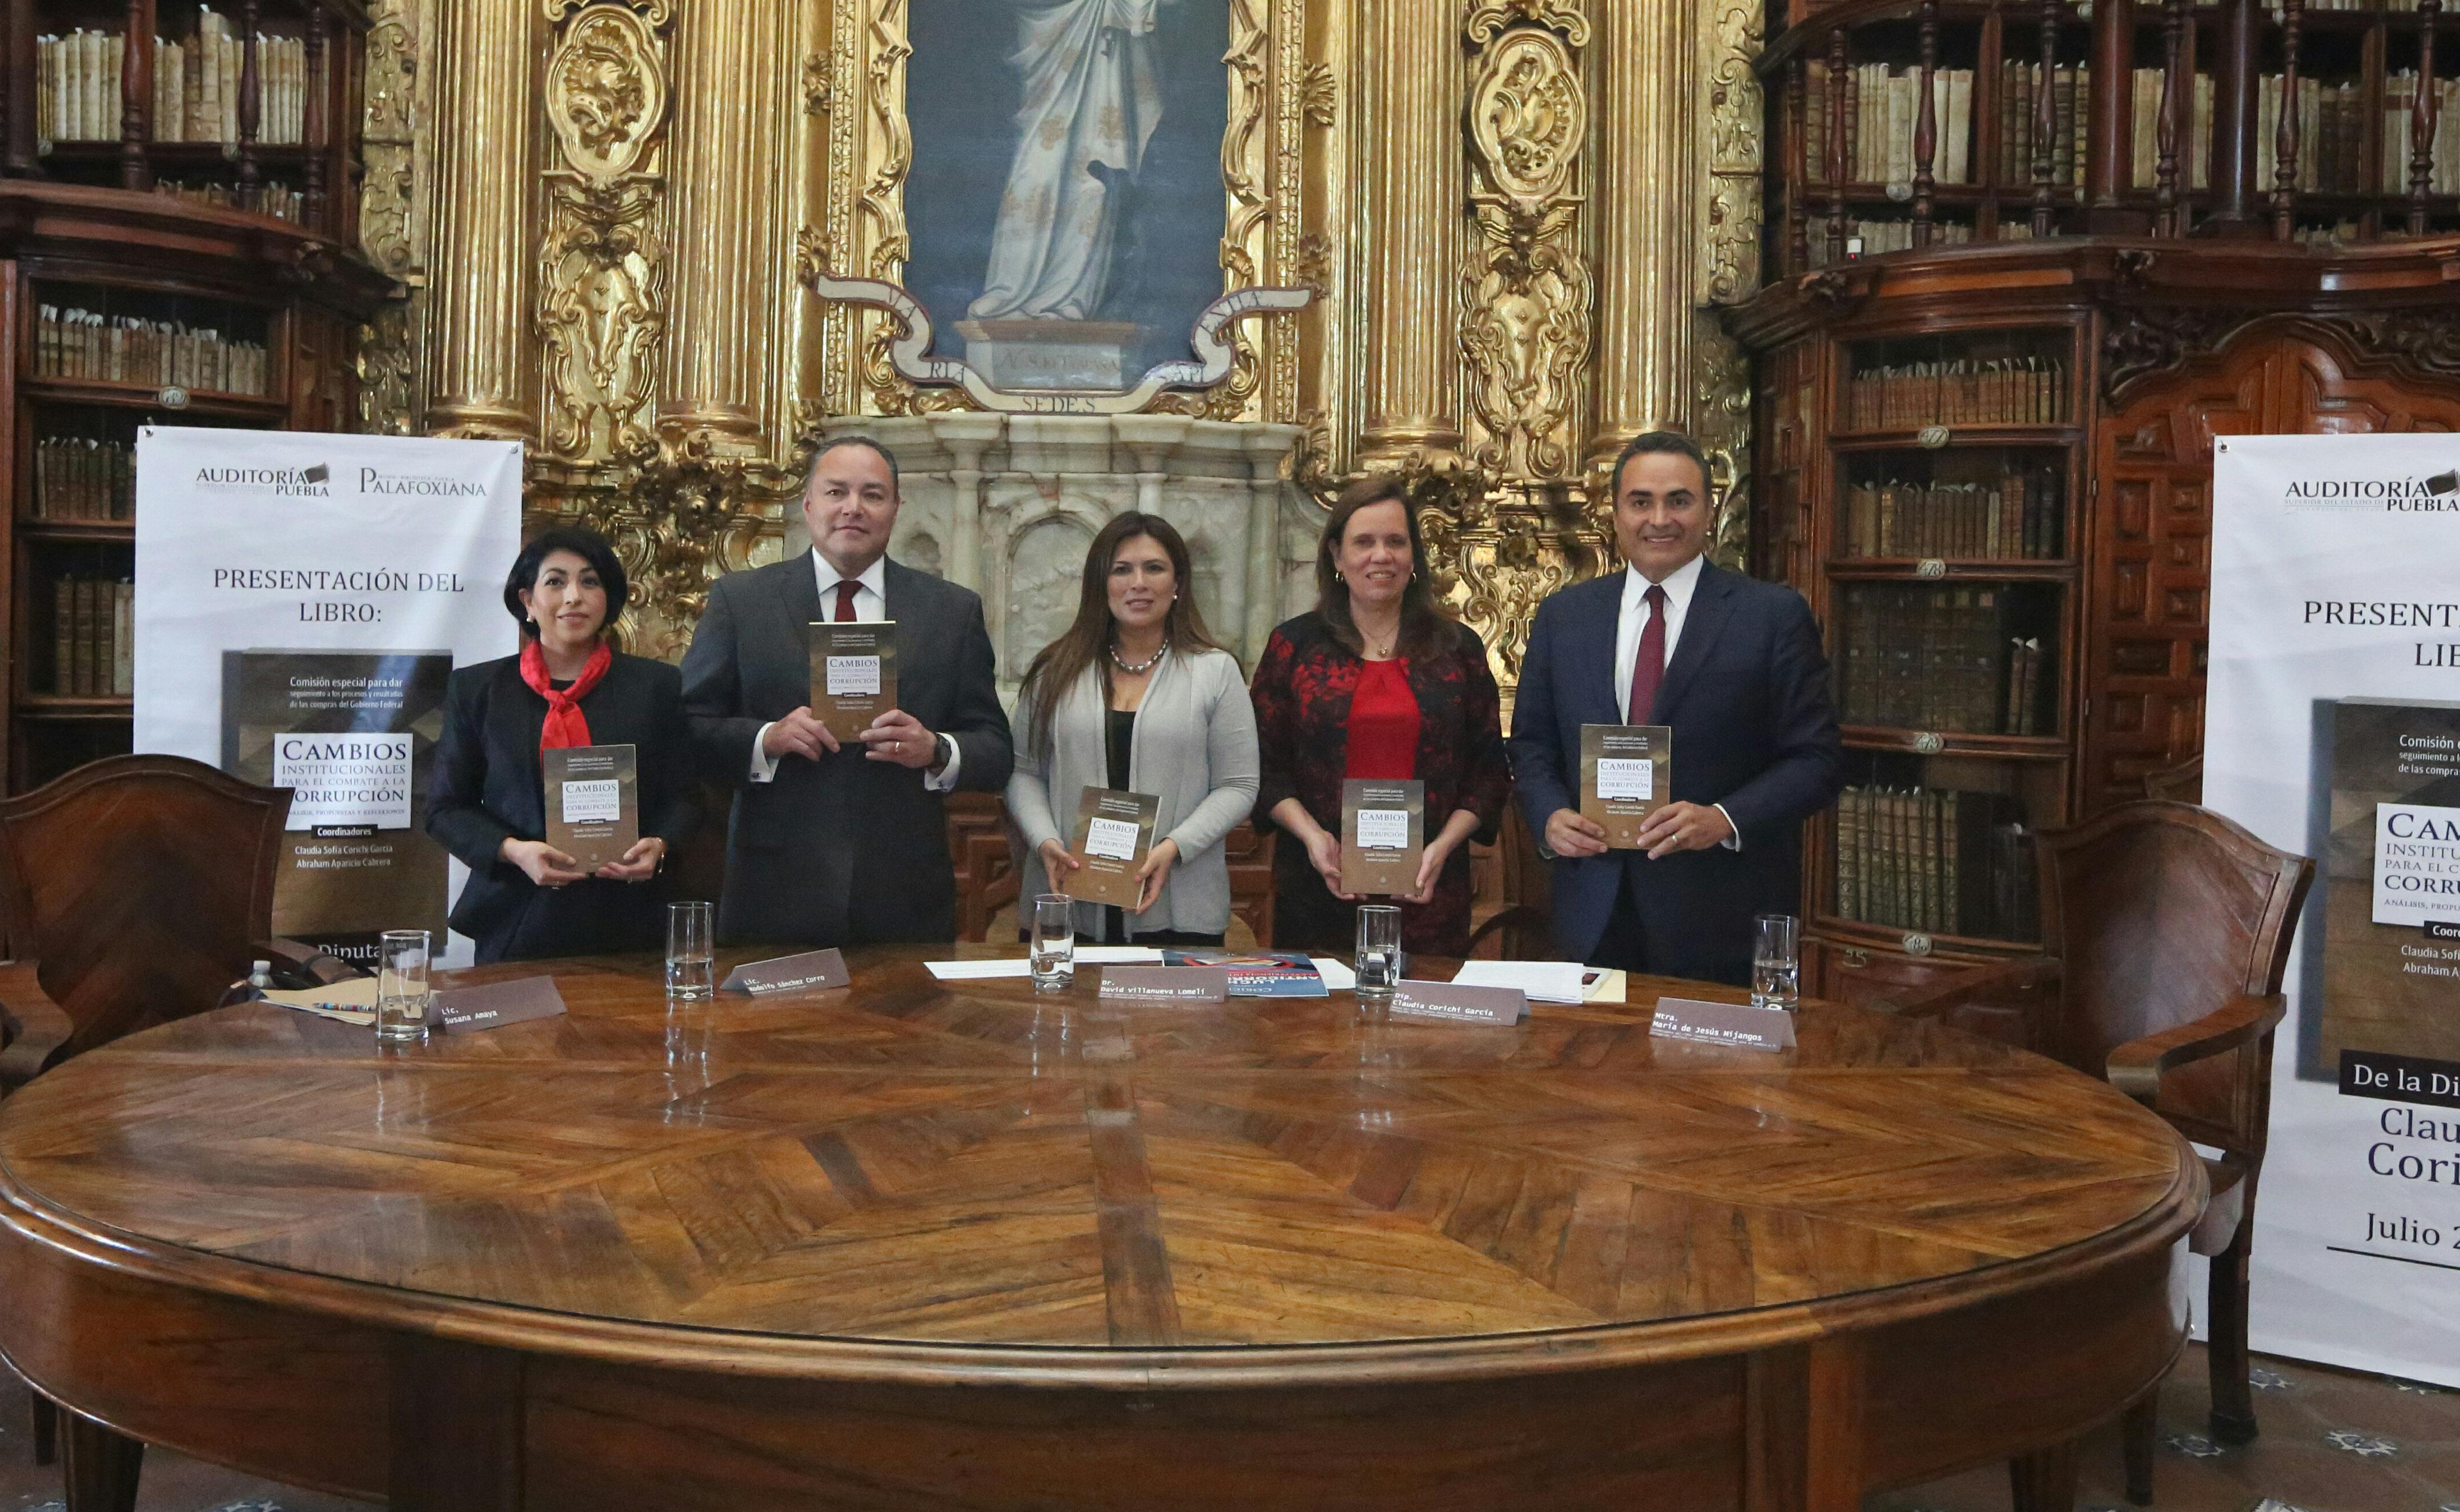 Auditoría Puebla presenta libro sobre combate a la corrupción